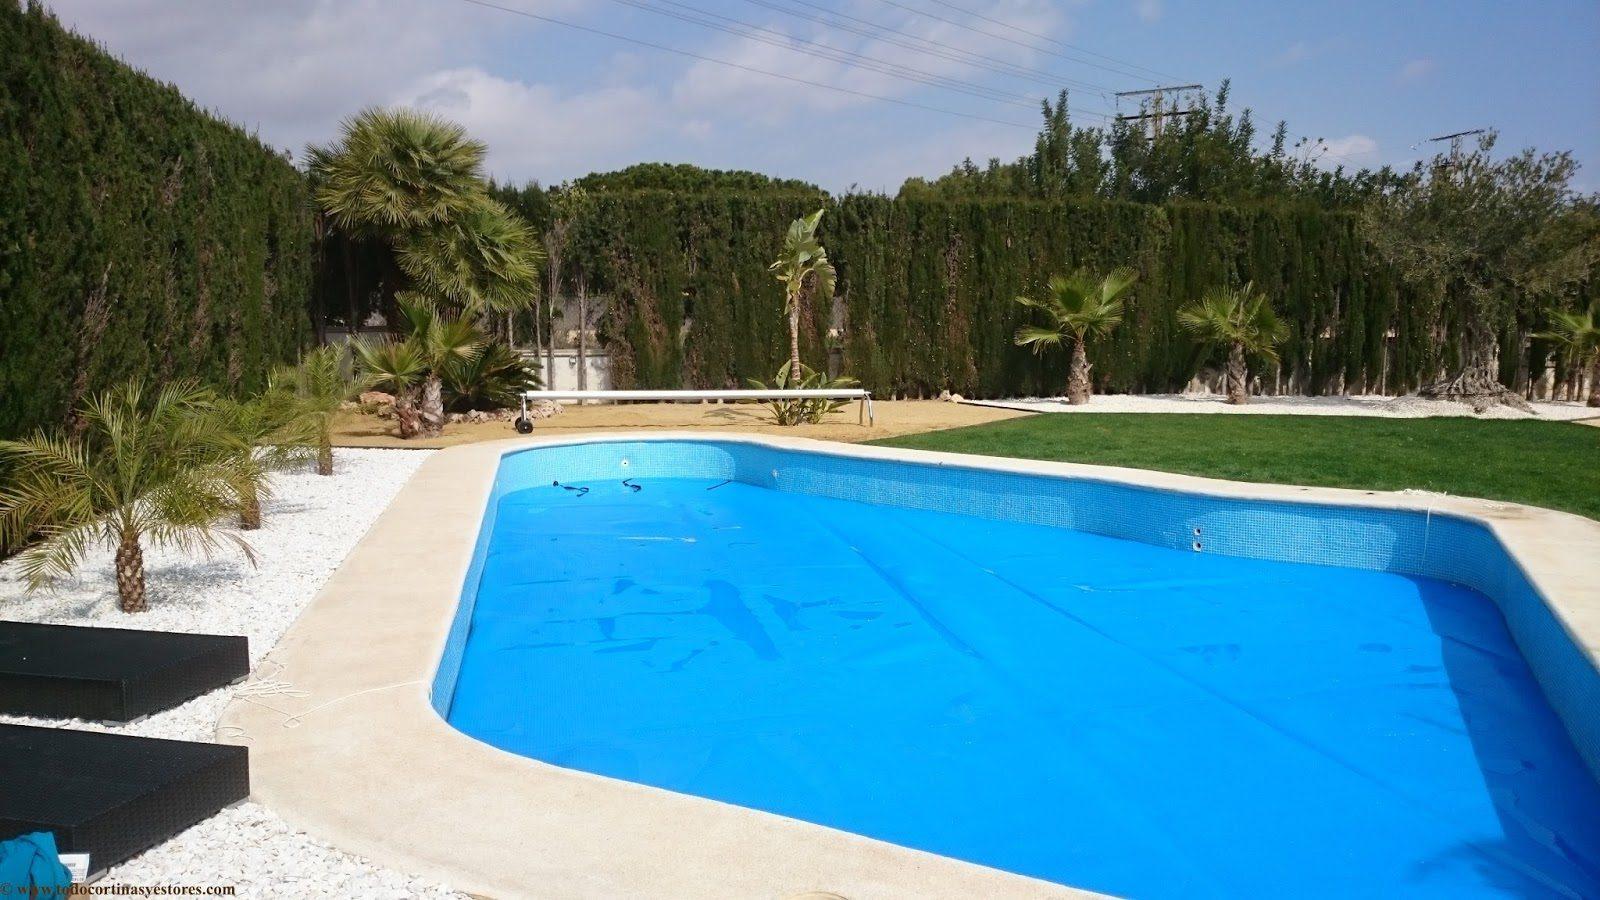 Toldo Cobertor piscina con enrollador telescopico y lona